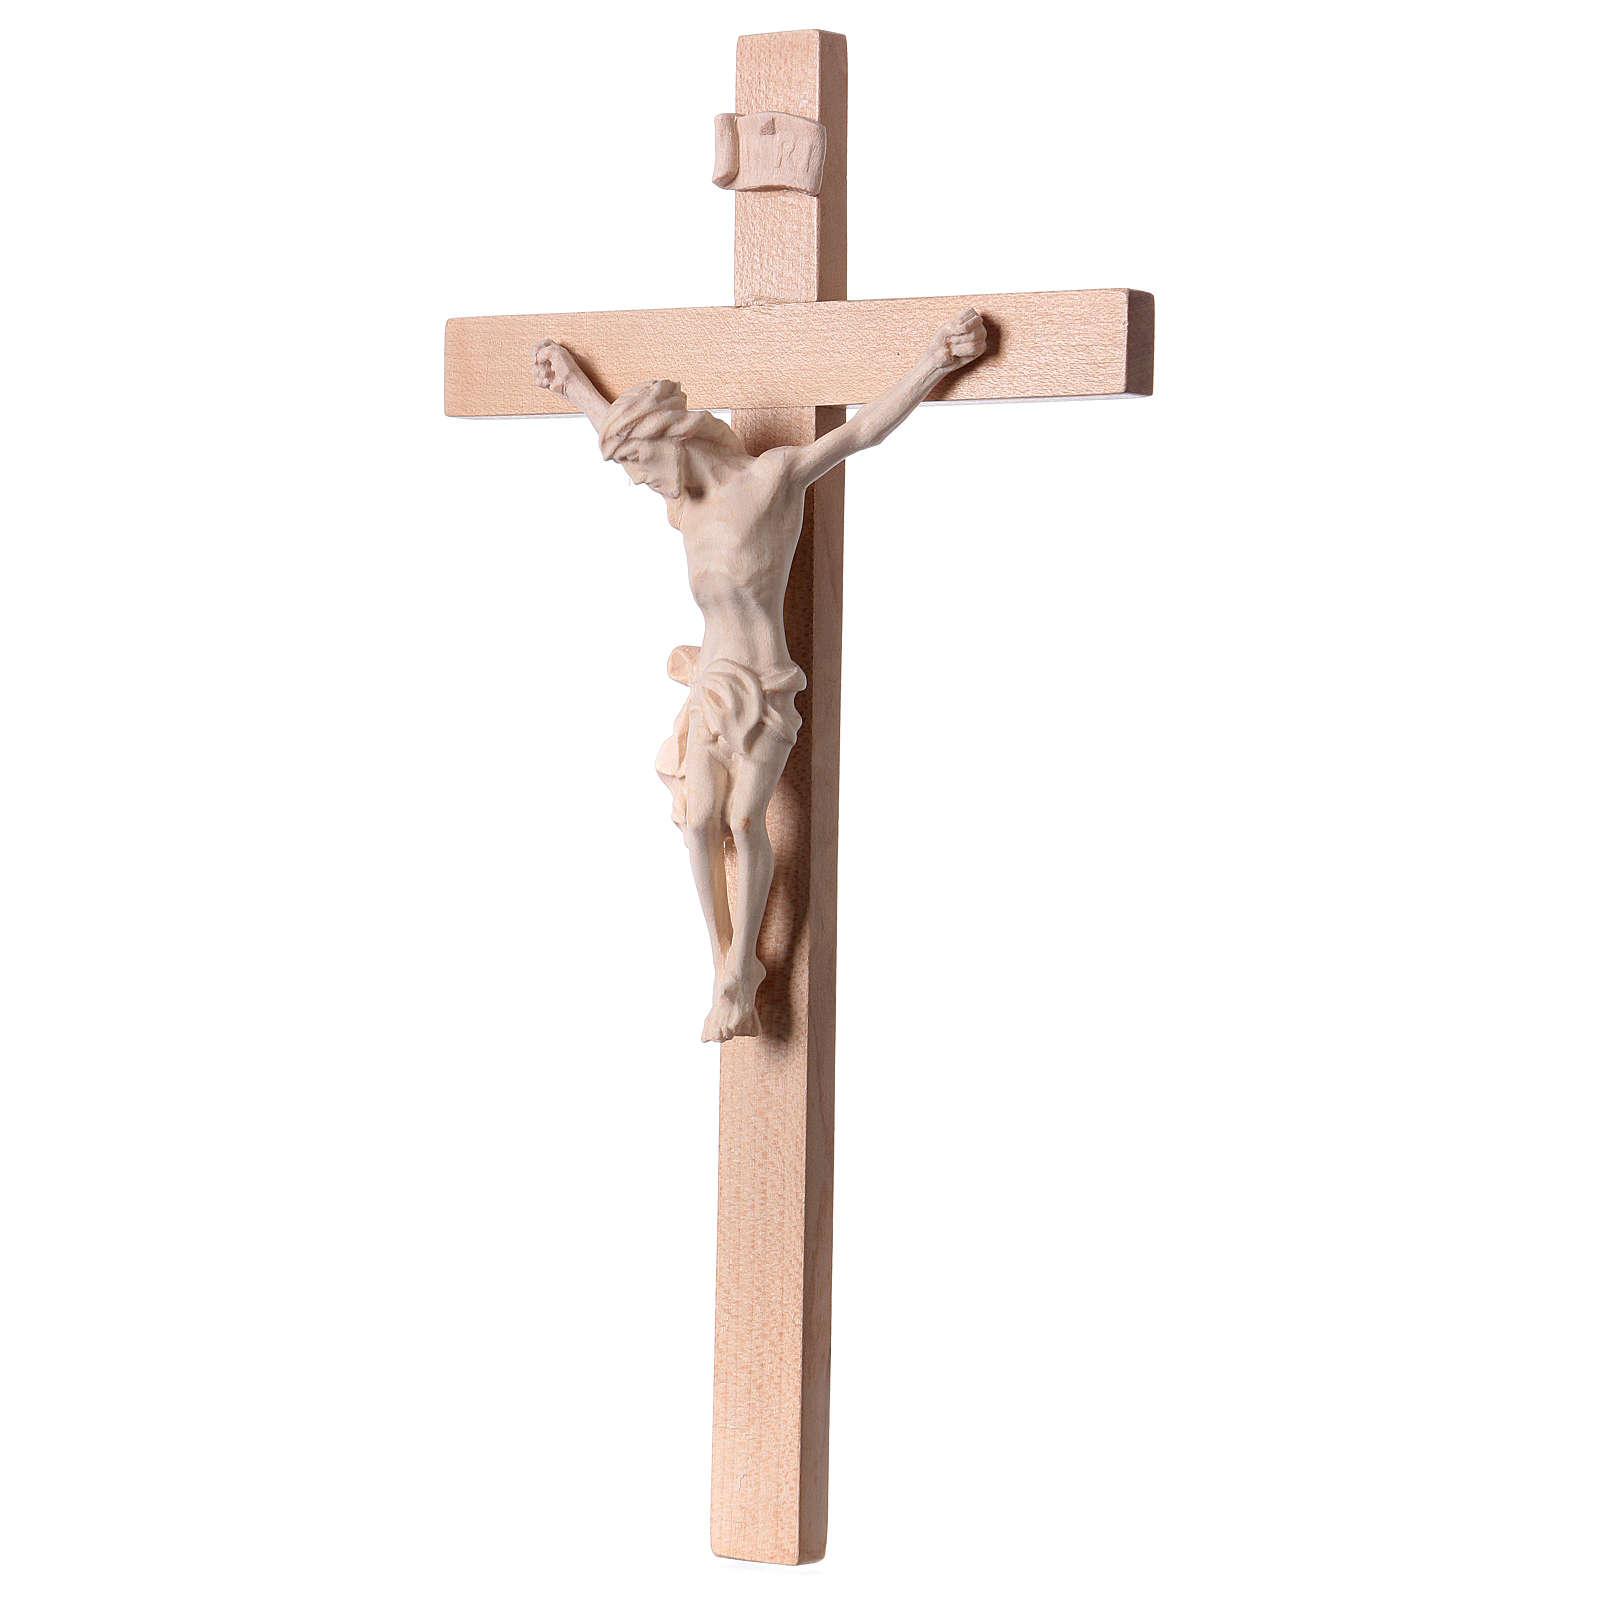 Krucyfiks na krzyżu drewno naturalne 4